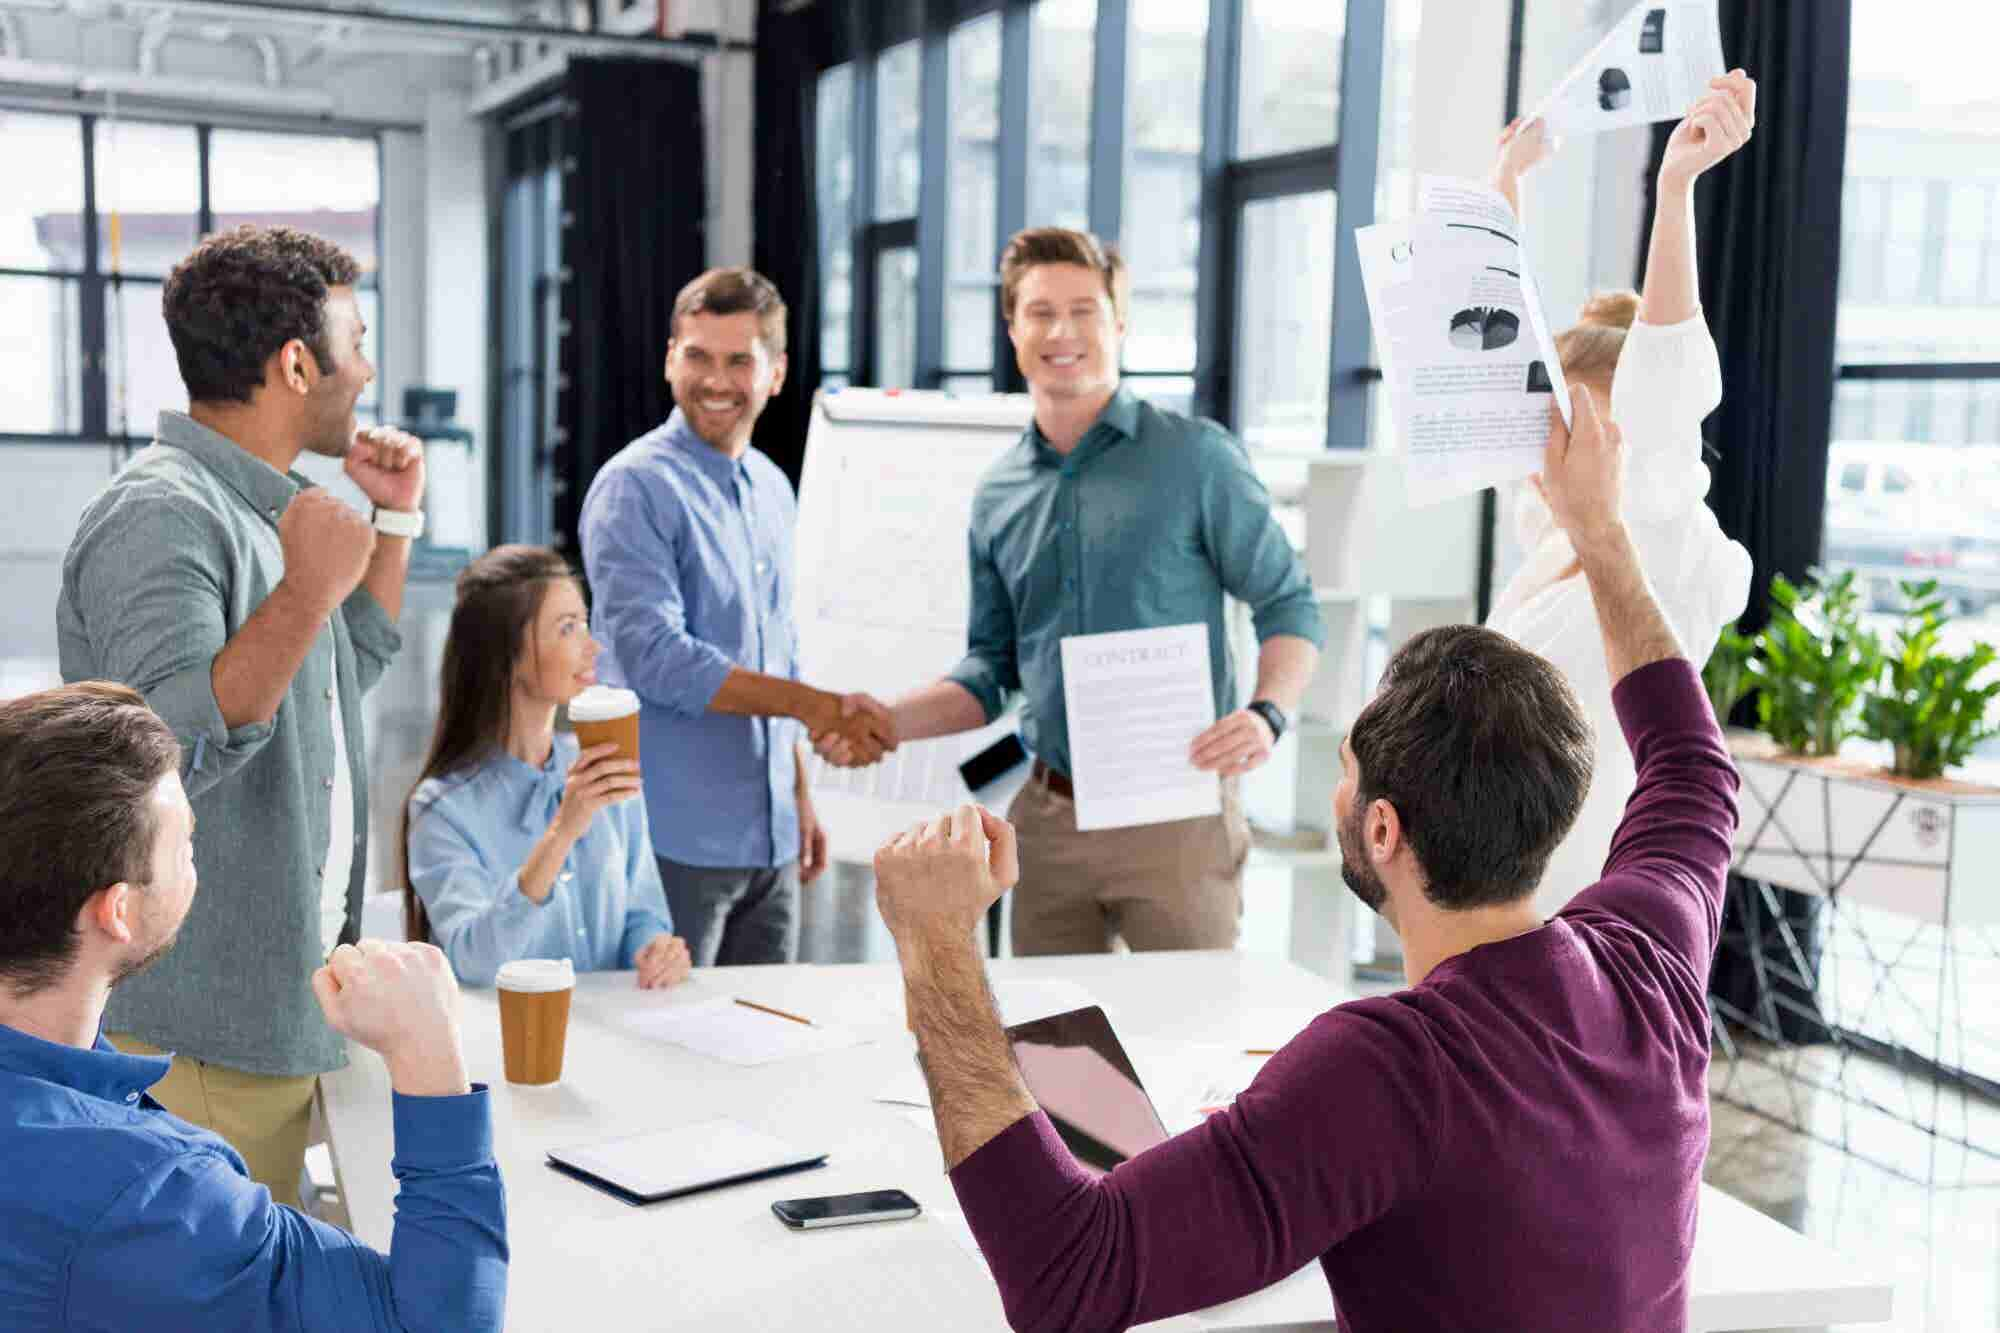 Cómo tratar a los empleados según su personalidad